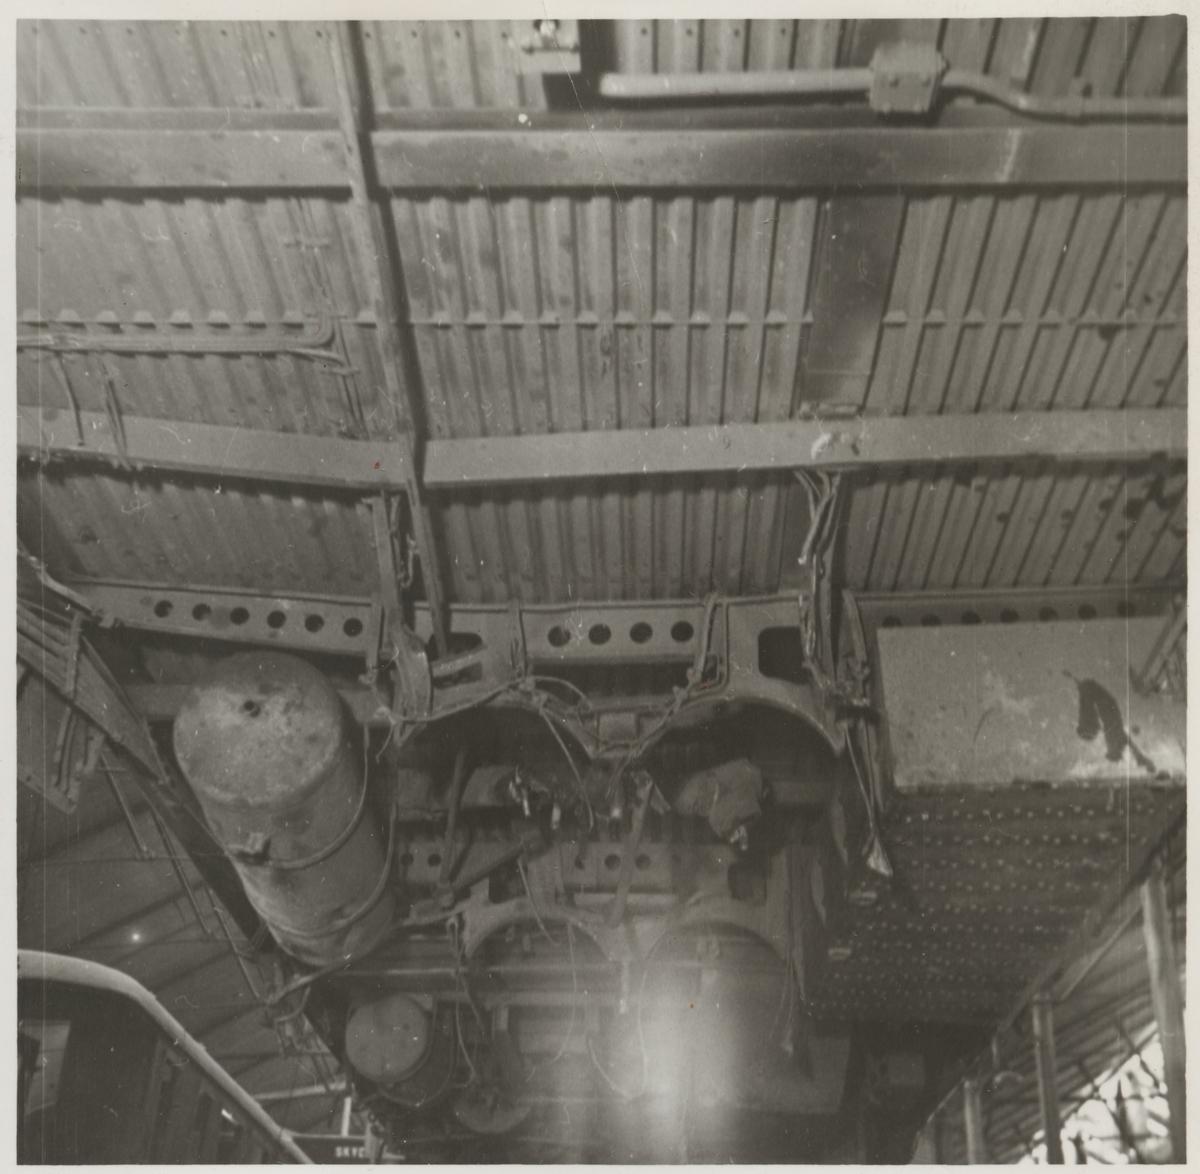 Skador i underredet på A-vagnen efter olycka vid hållplatsen Arket 1951.